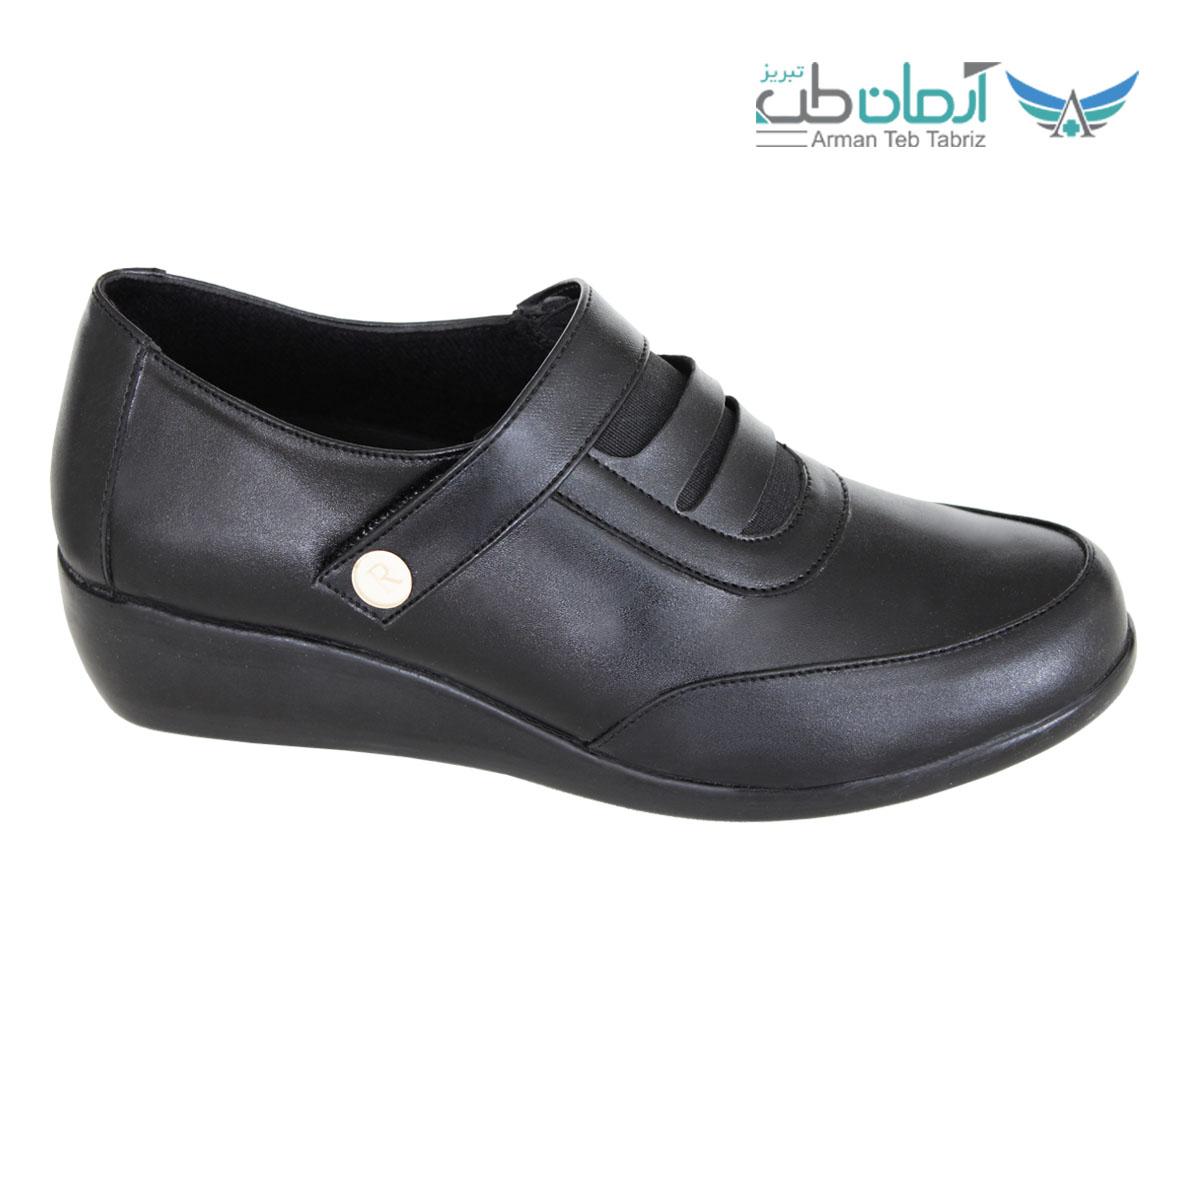 کفش زنانه همگام خارپاشندار